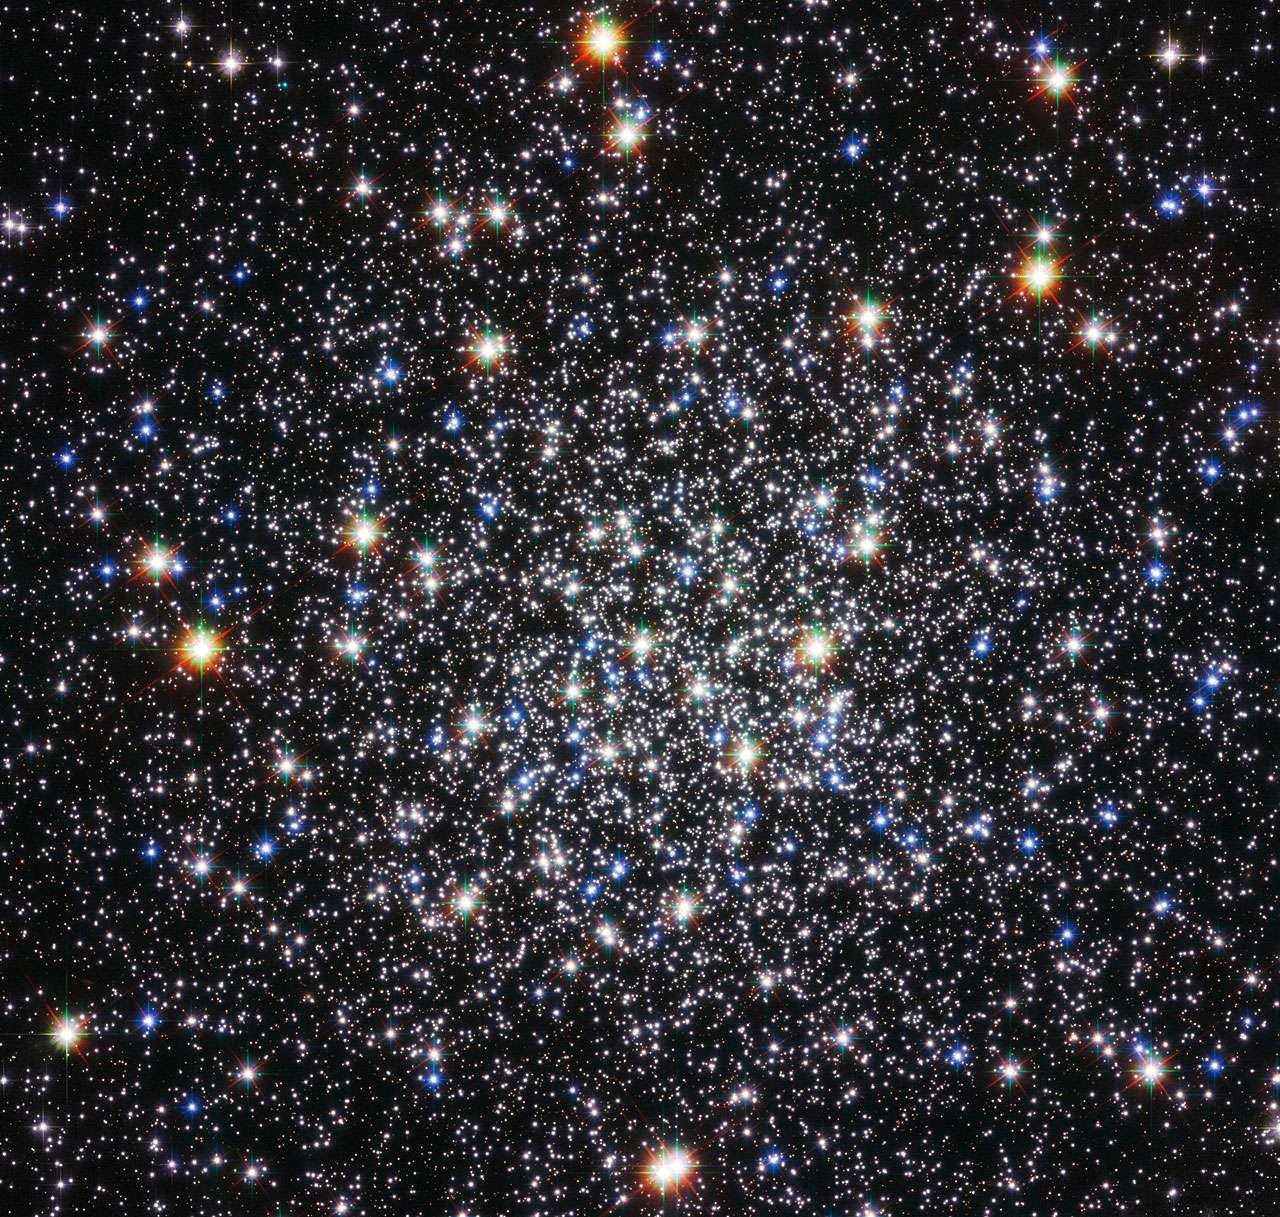 L'amas globulaire Messier 12 scintille devant le télescope Hubble. © Nasa/Esa/Hubble